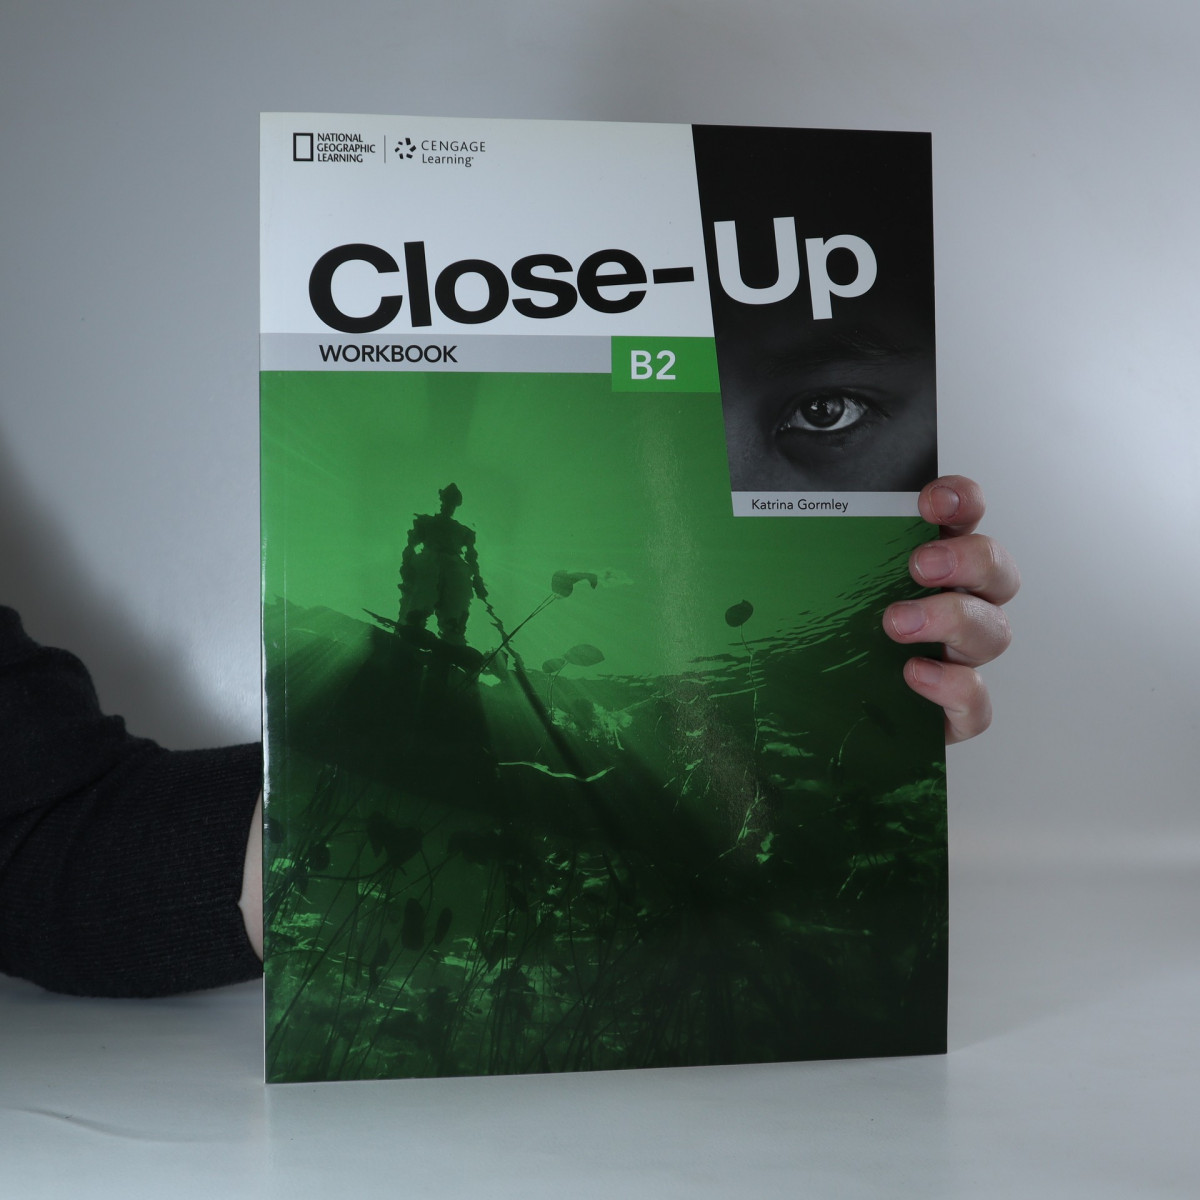 antikvární kniha Close-Up Workbook B2, 2012